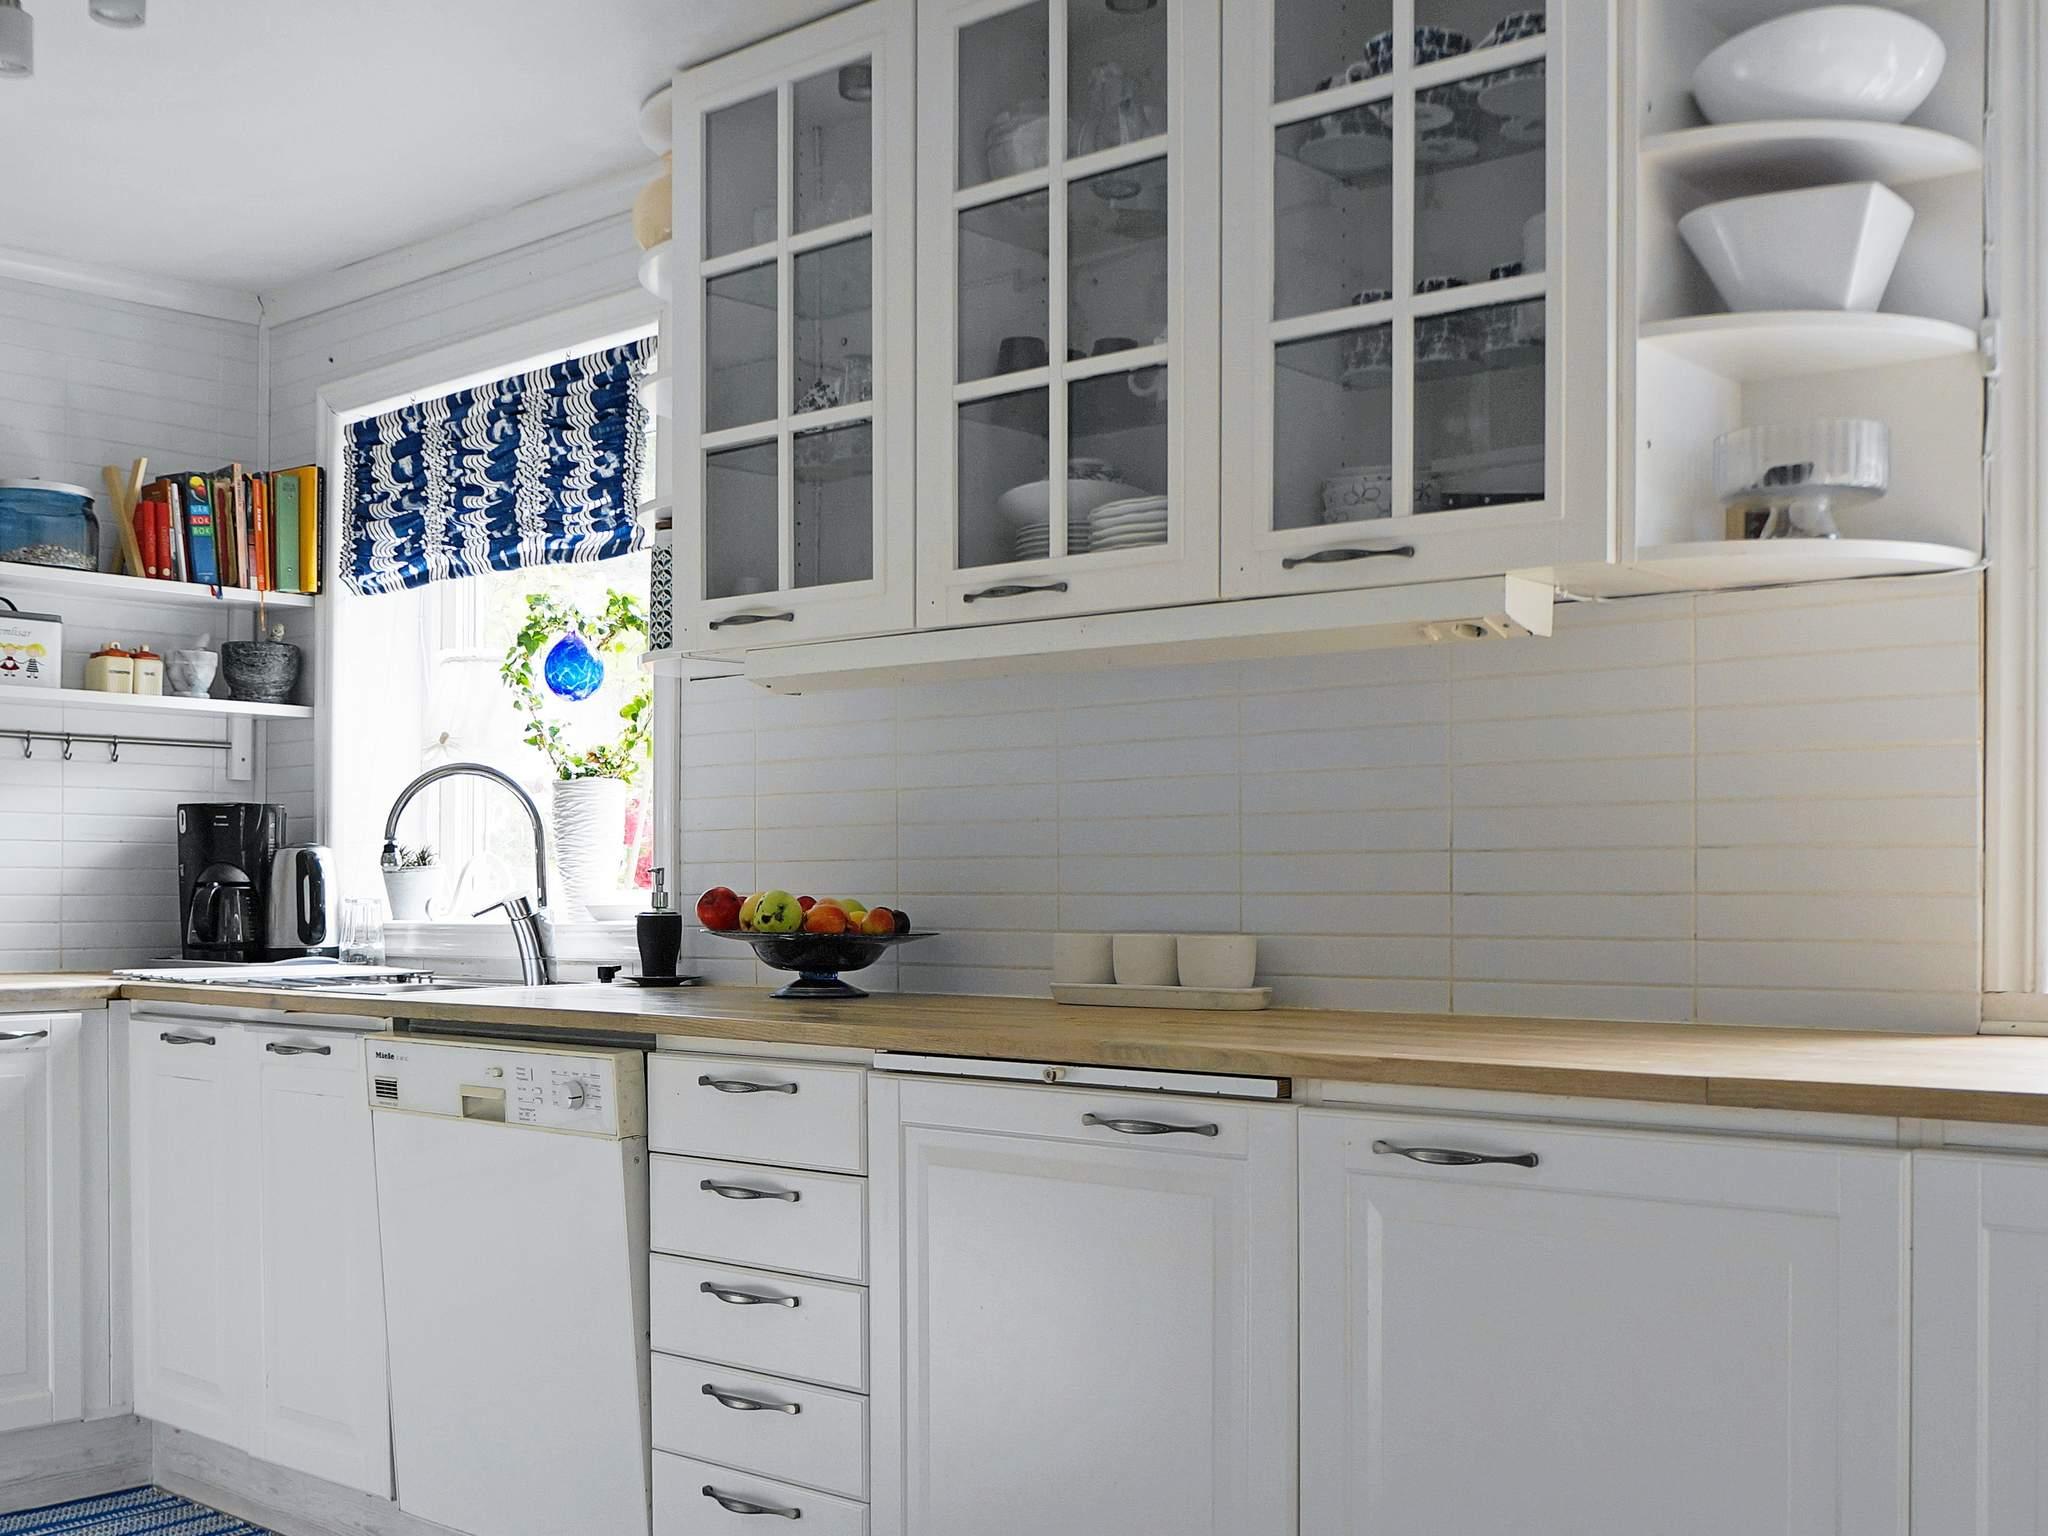 Ferienhaus Göteborg Ferienhaus in Schweden